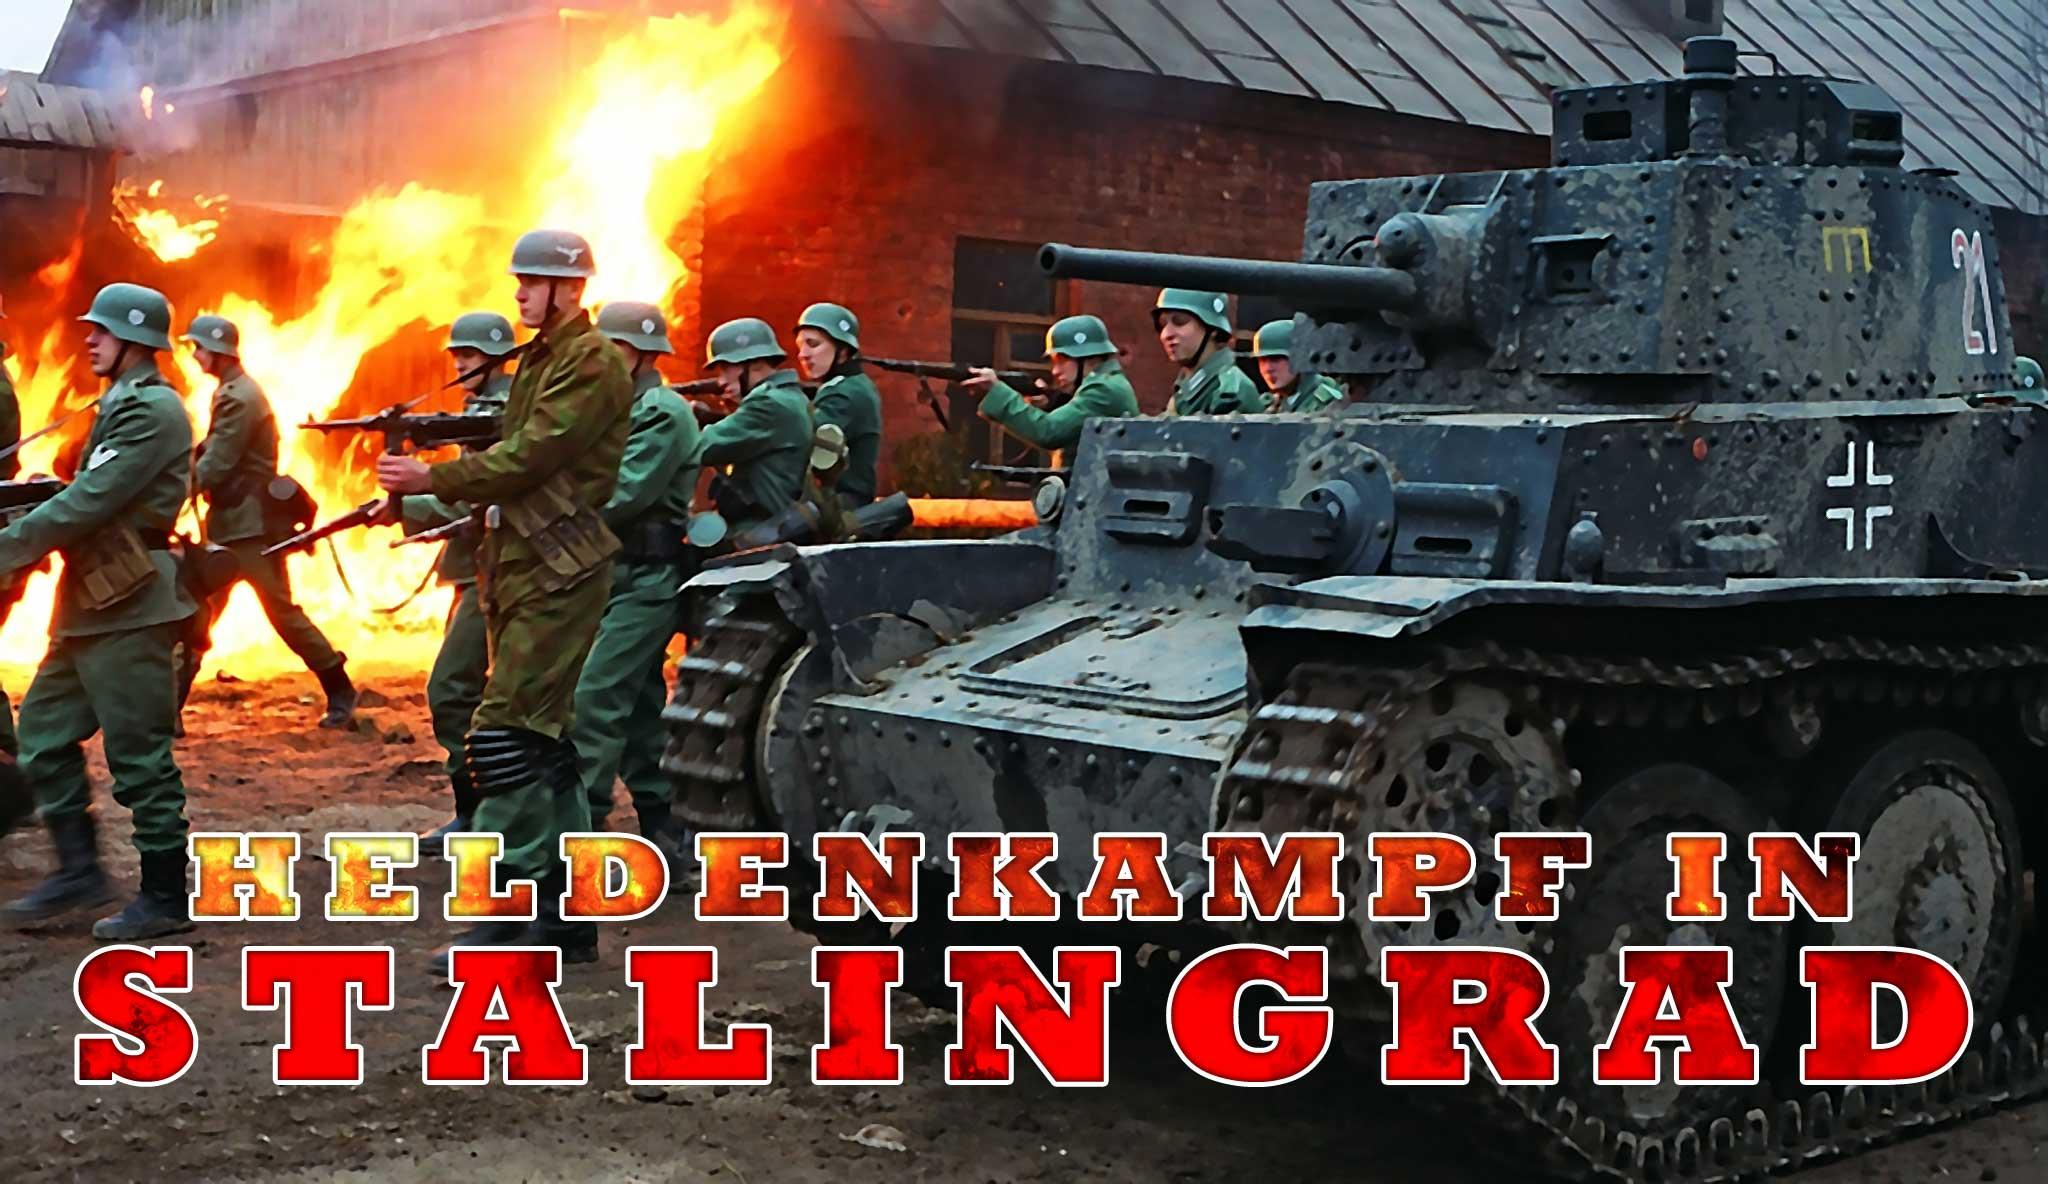 heldenkampf-in-stalingrad\header.jpg